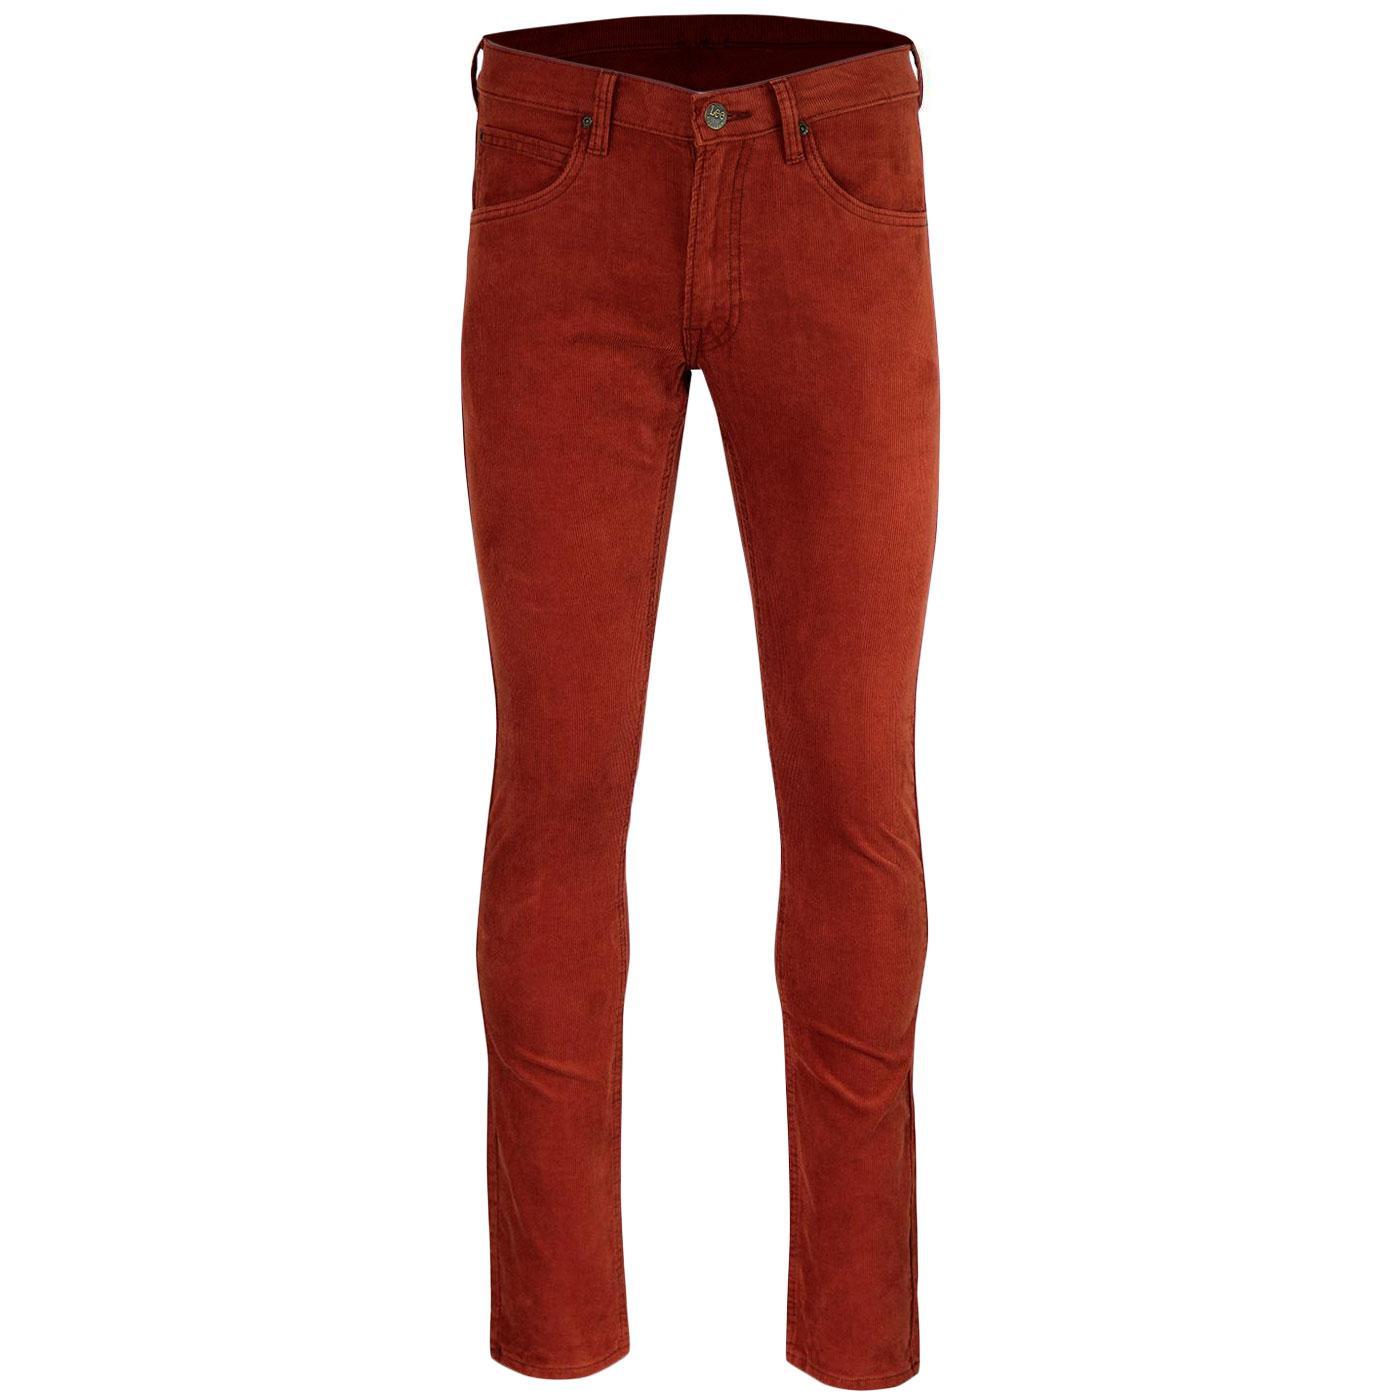 Luke LEE Retro Mod Slim Tapered Cord Jeans PICANTE